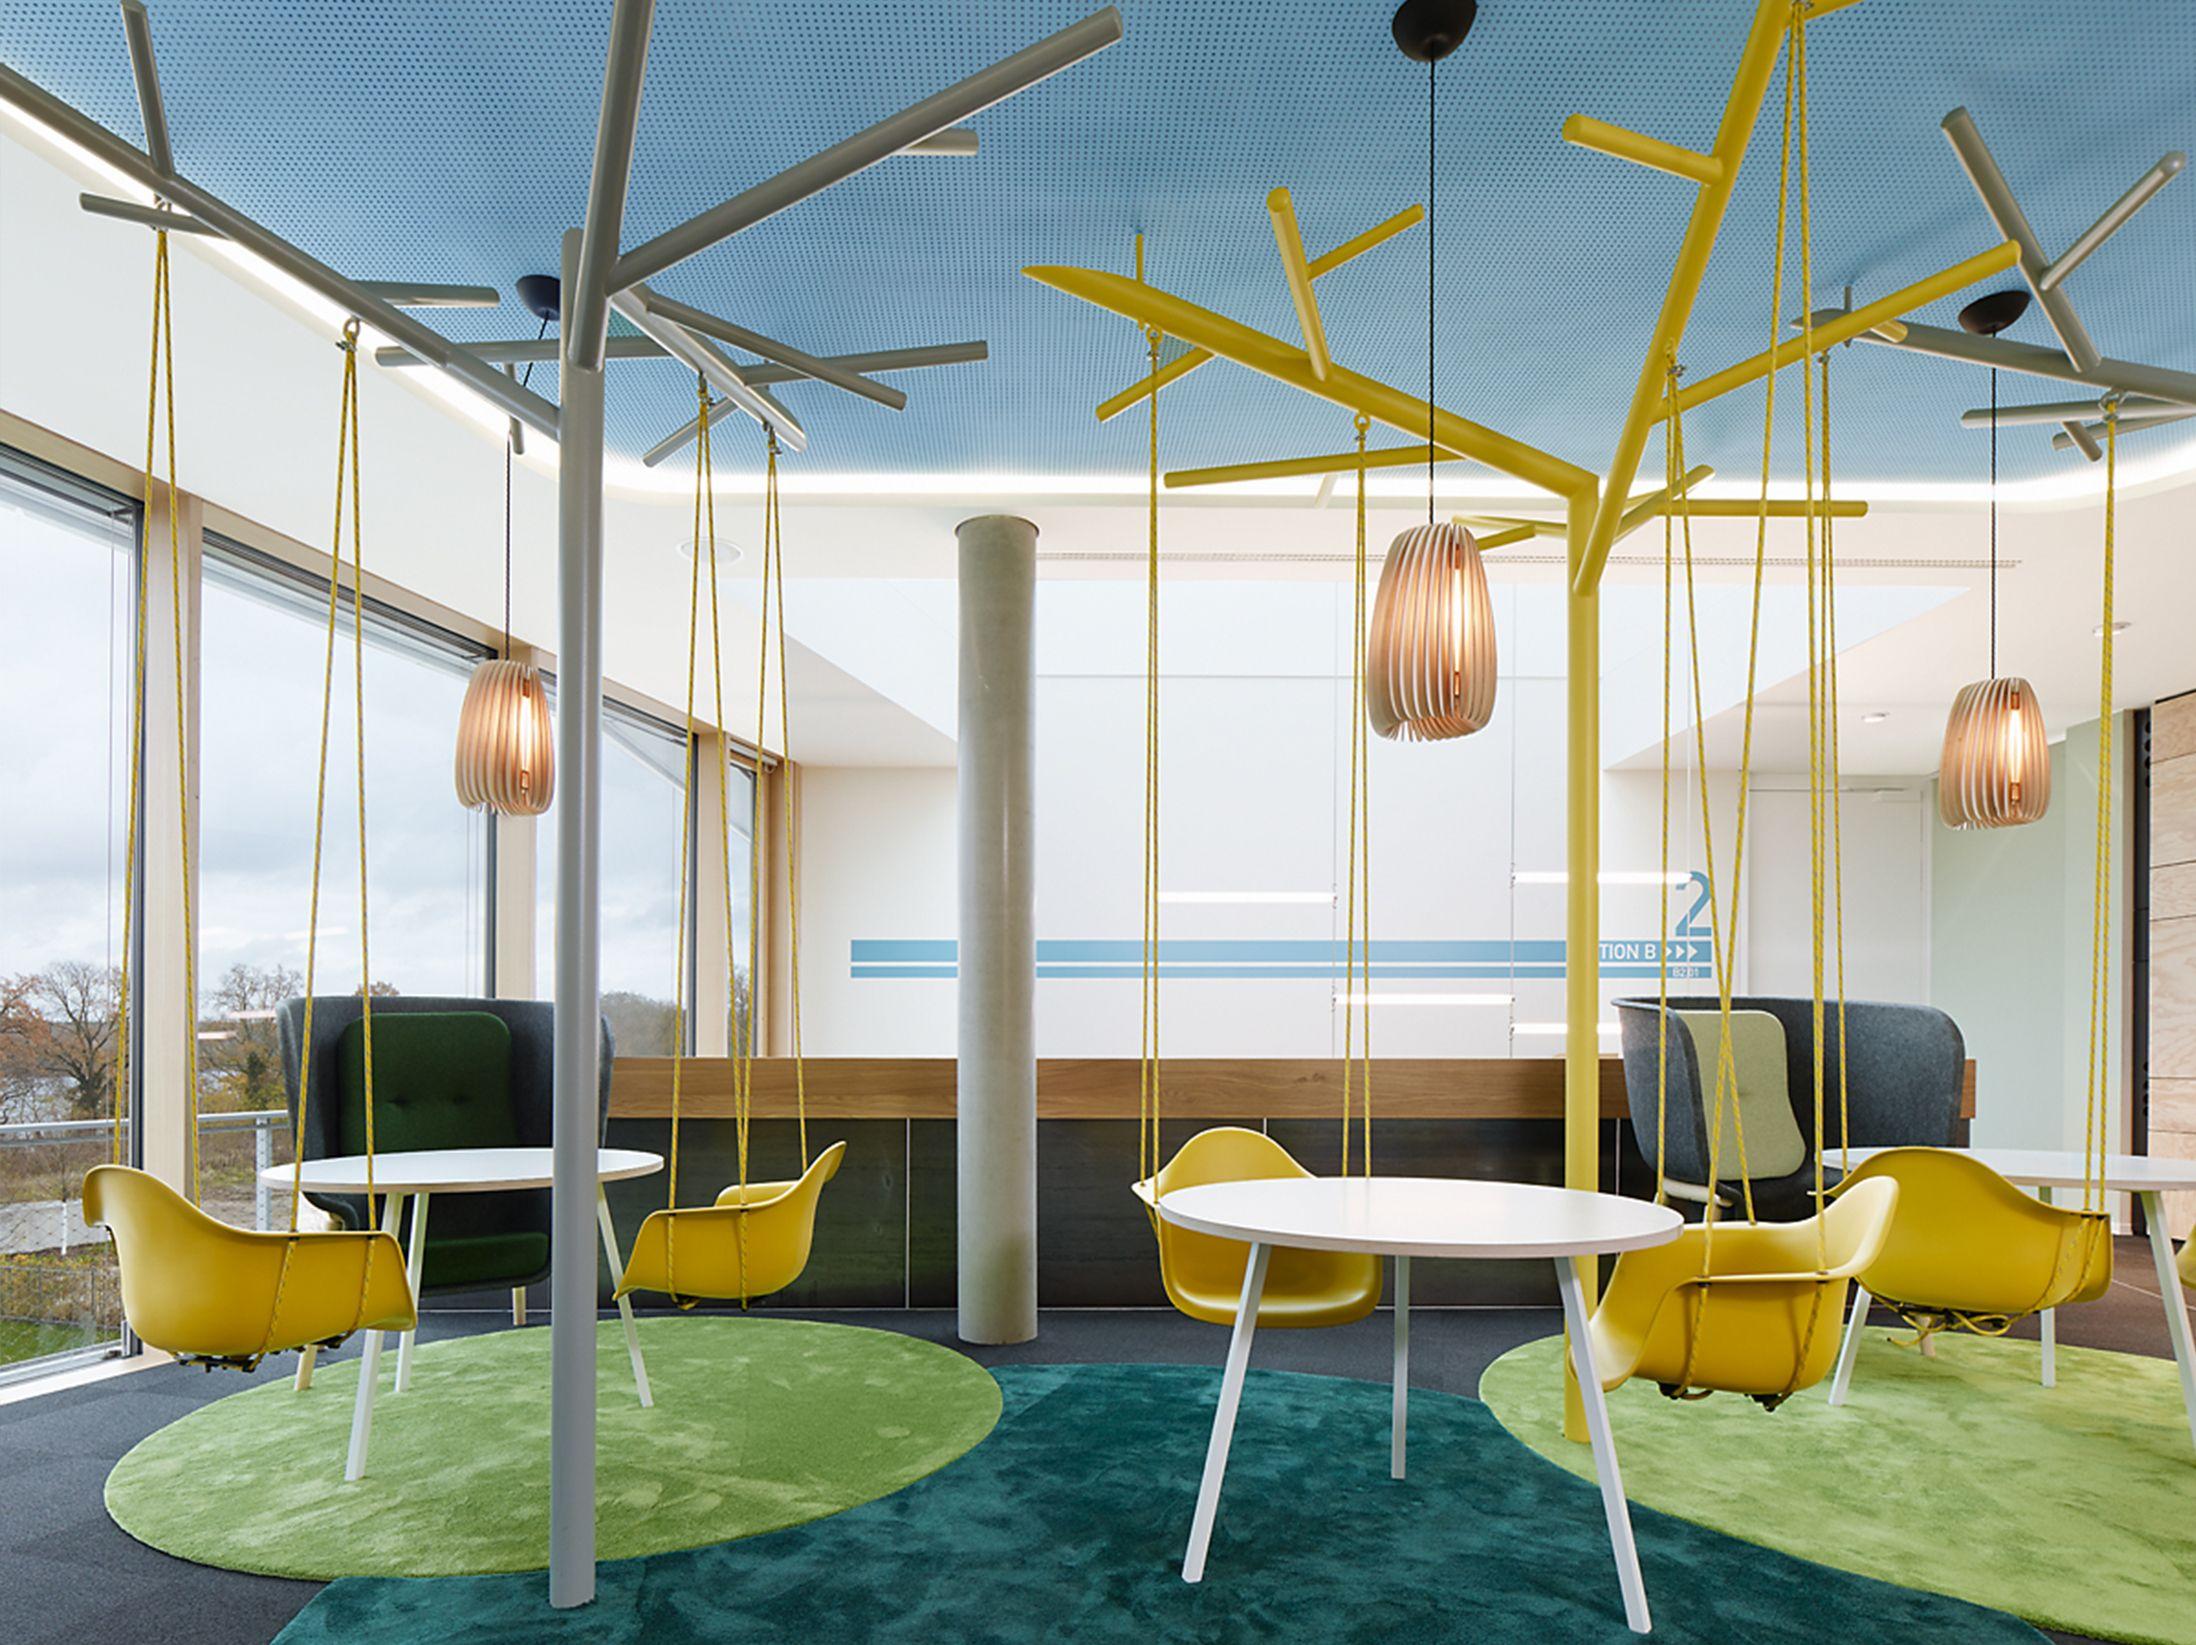 SAP Innovation Center Potsdam 04